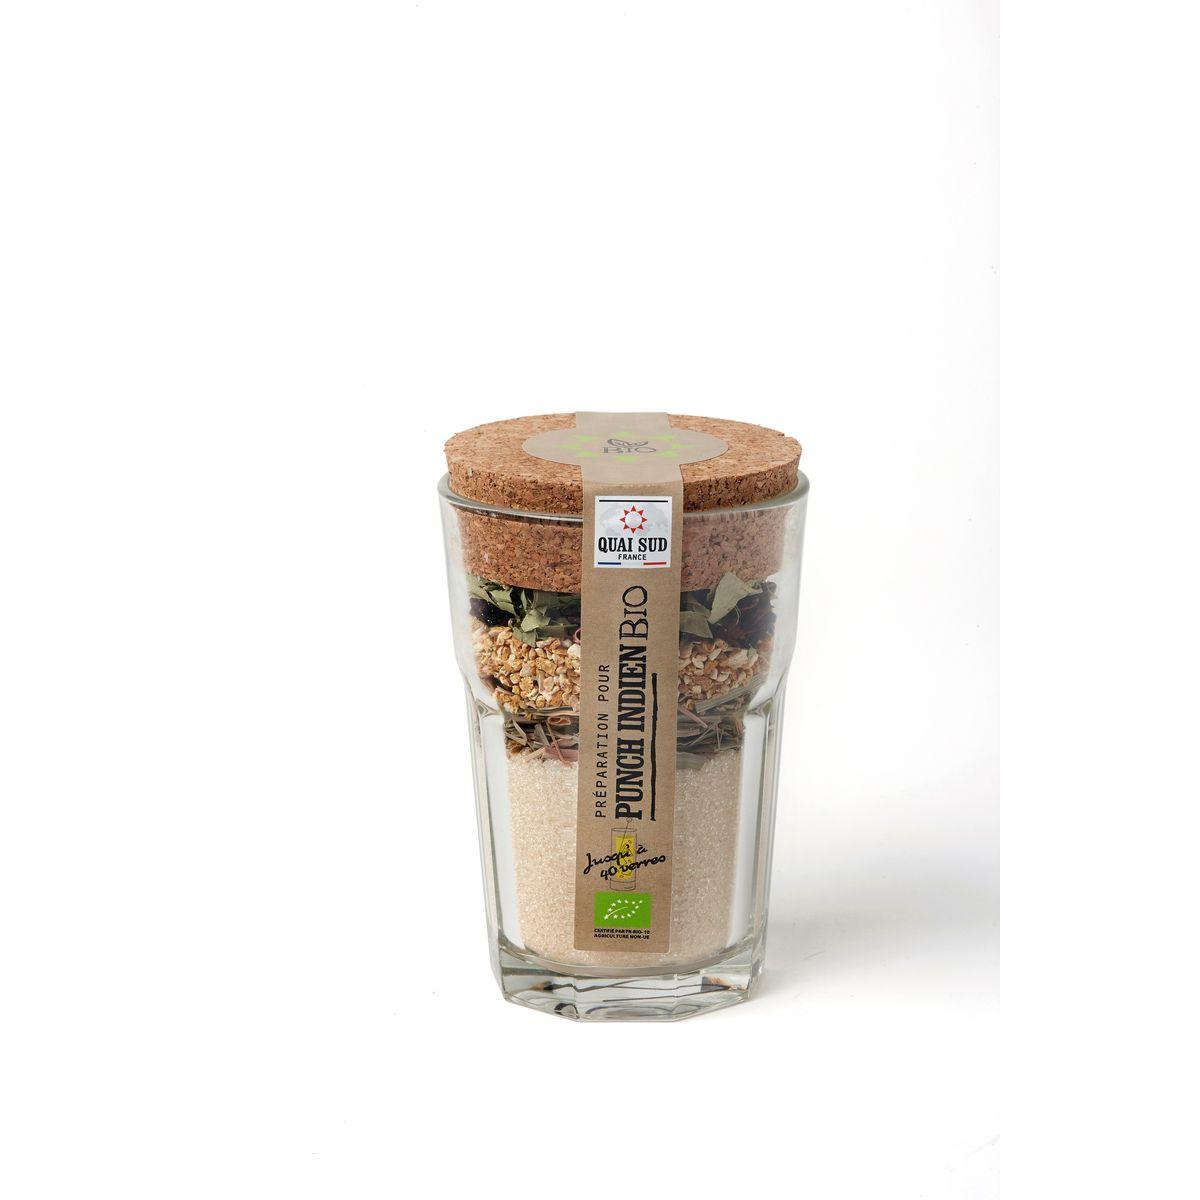 Mélange bio pour punch Indien en verre à mojito 140g - Quai Sud